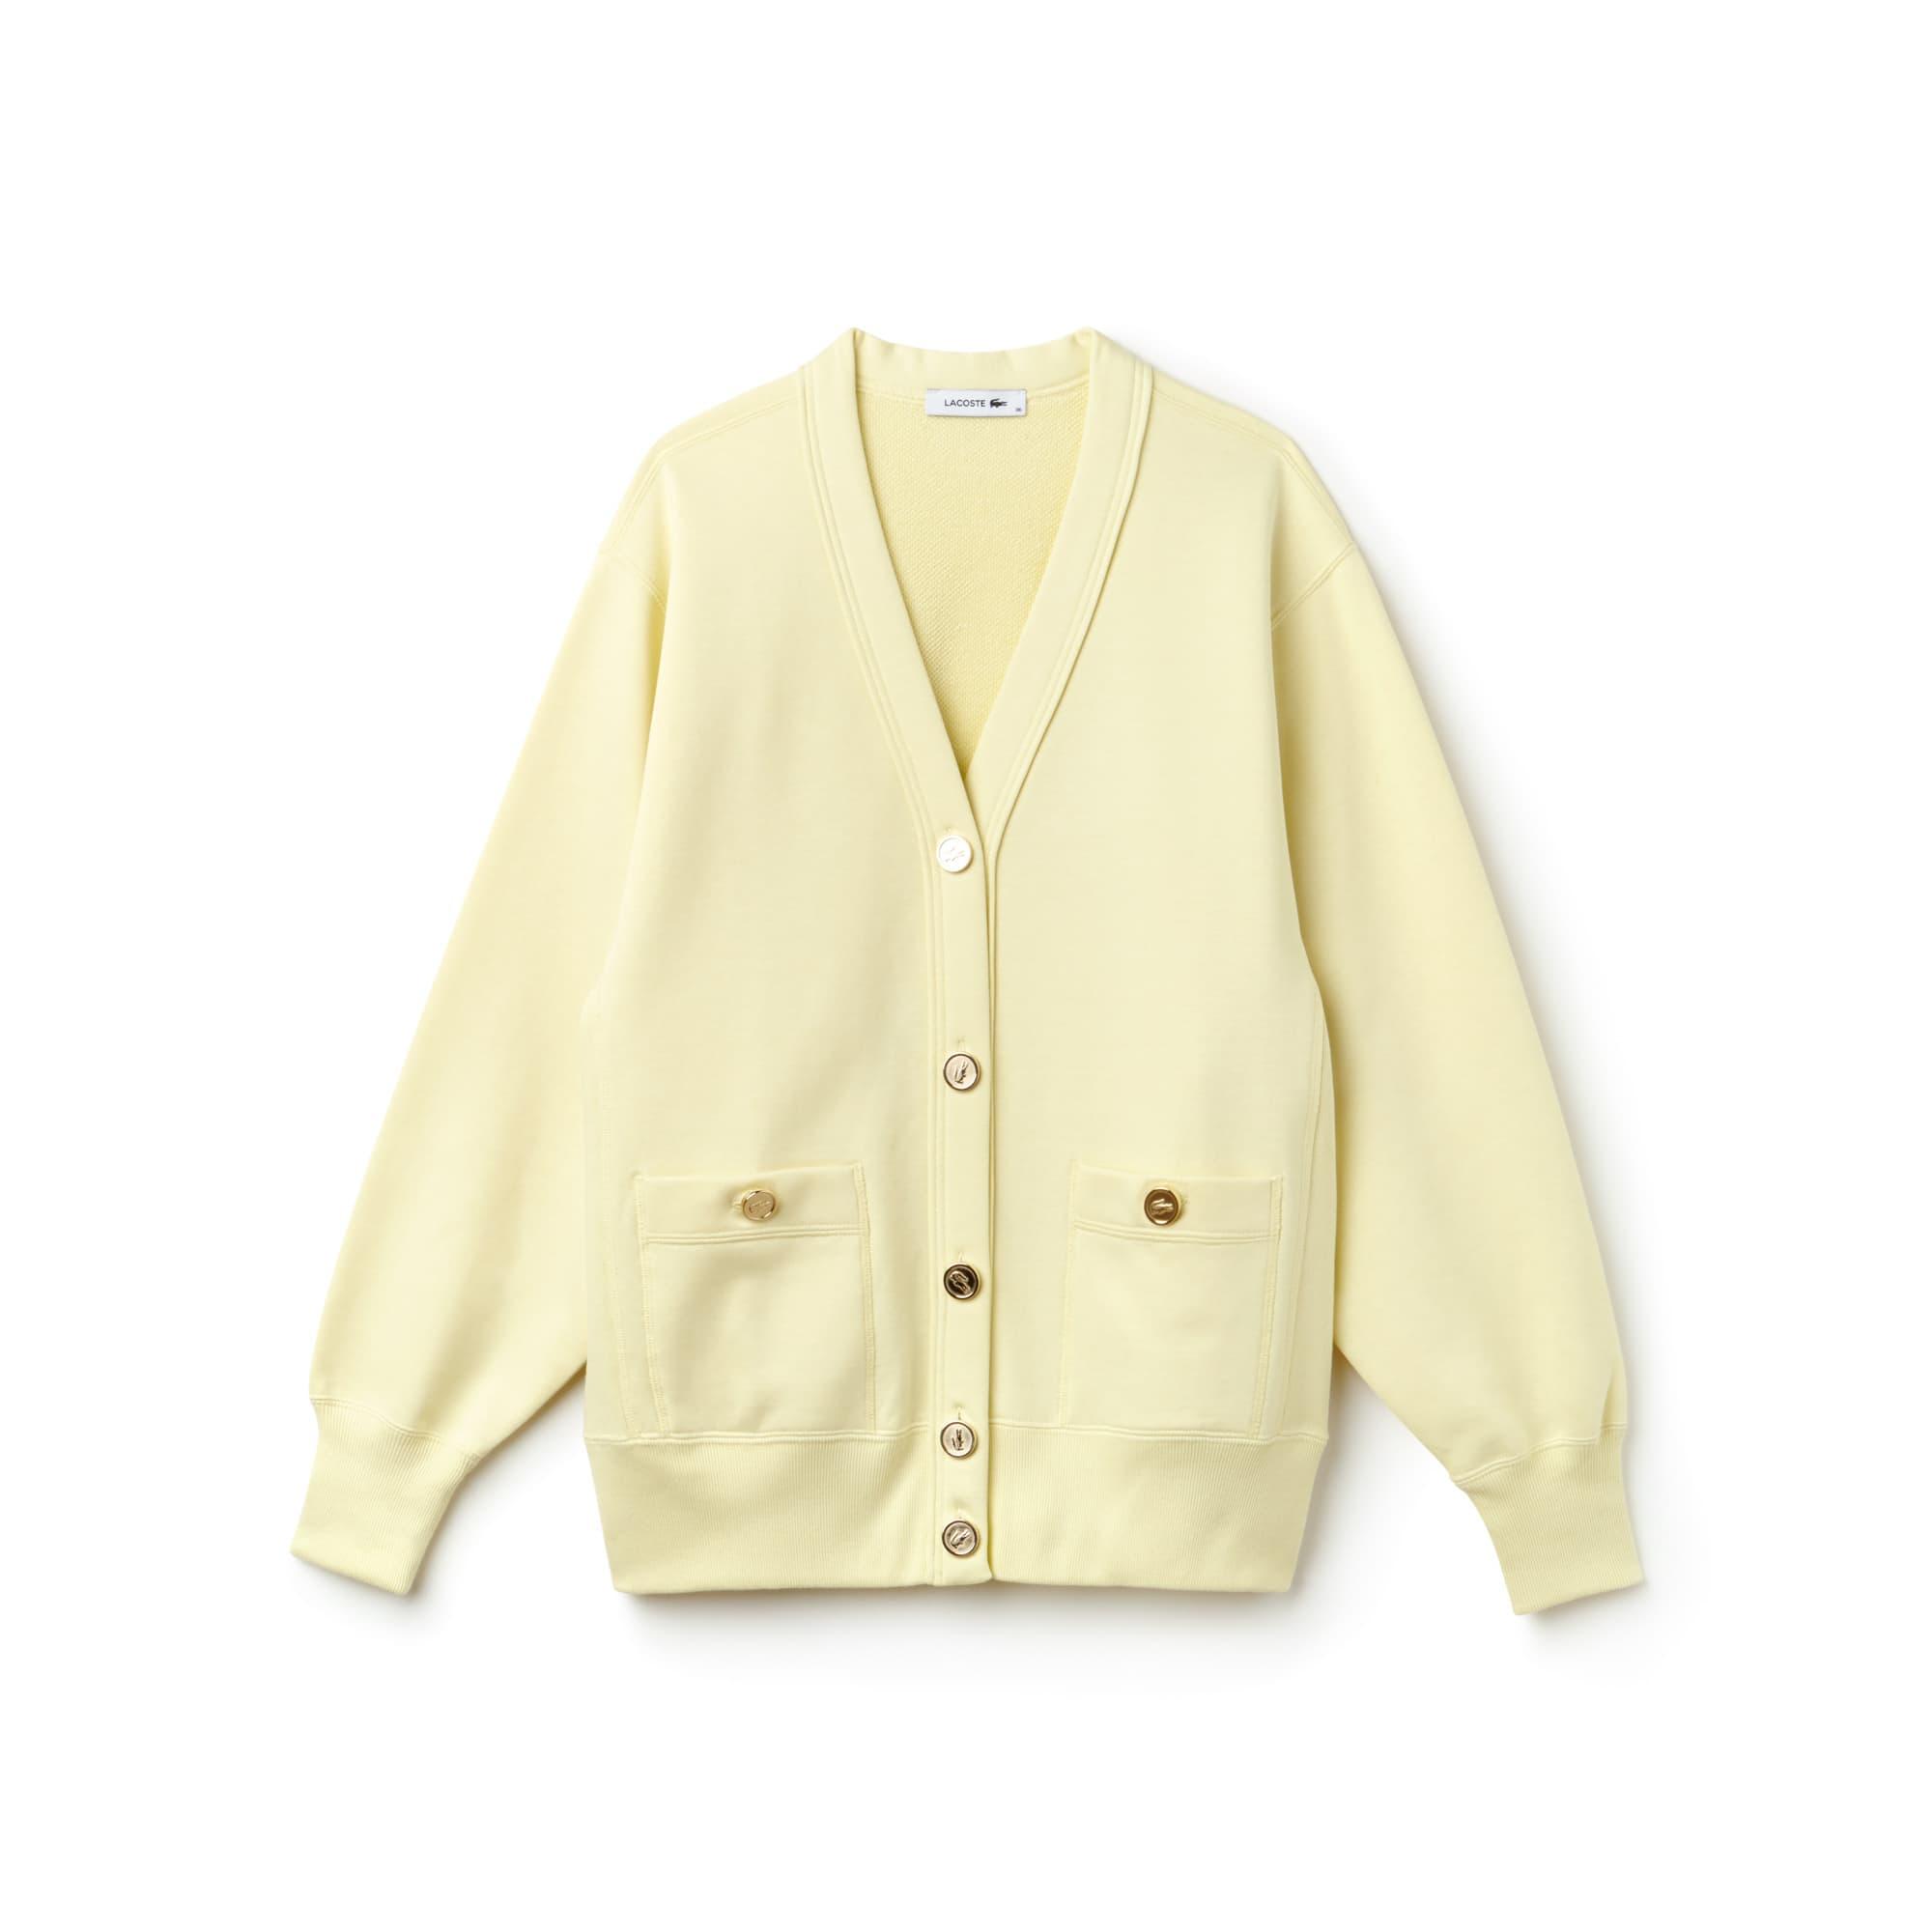 Women's Fashion Show Buttoned Cotton Fleece Cardigan